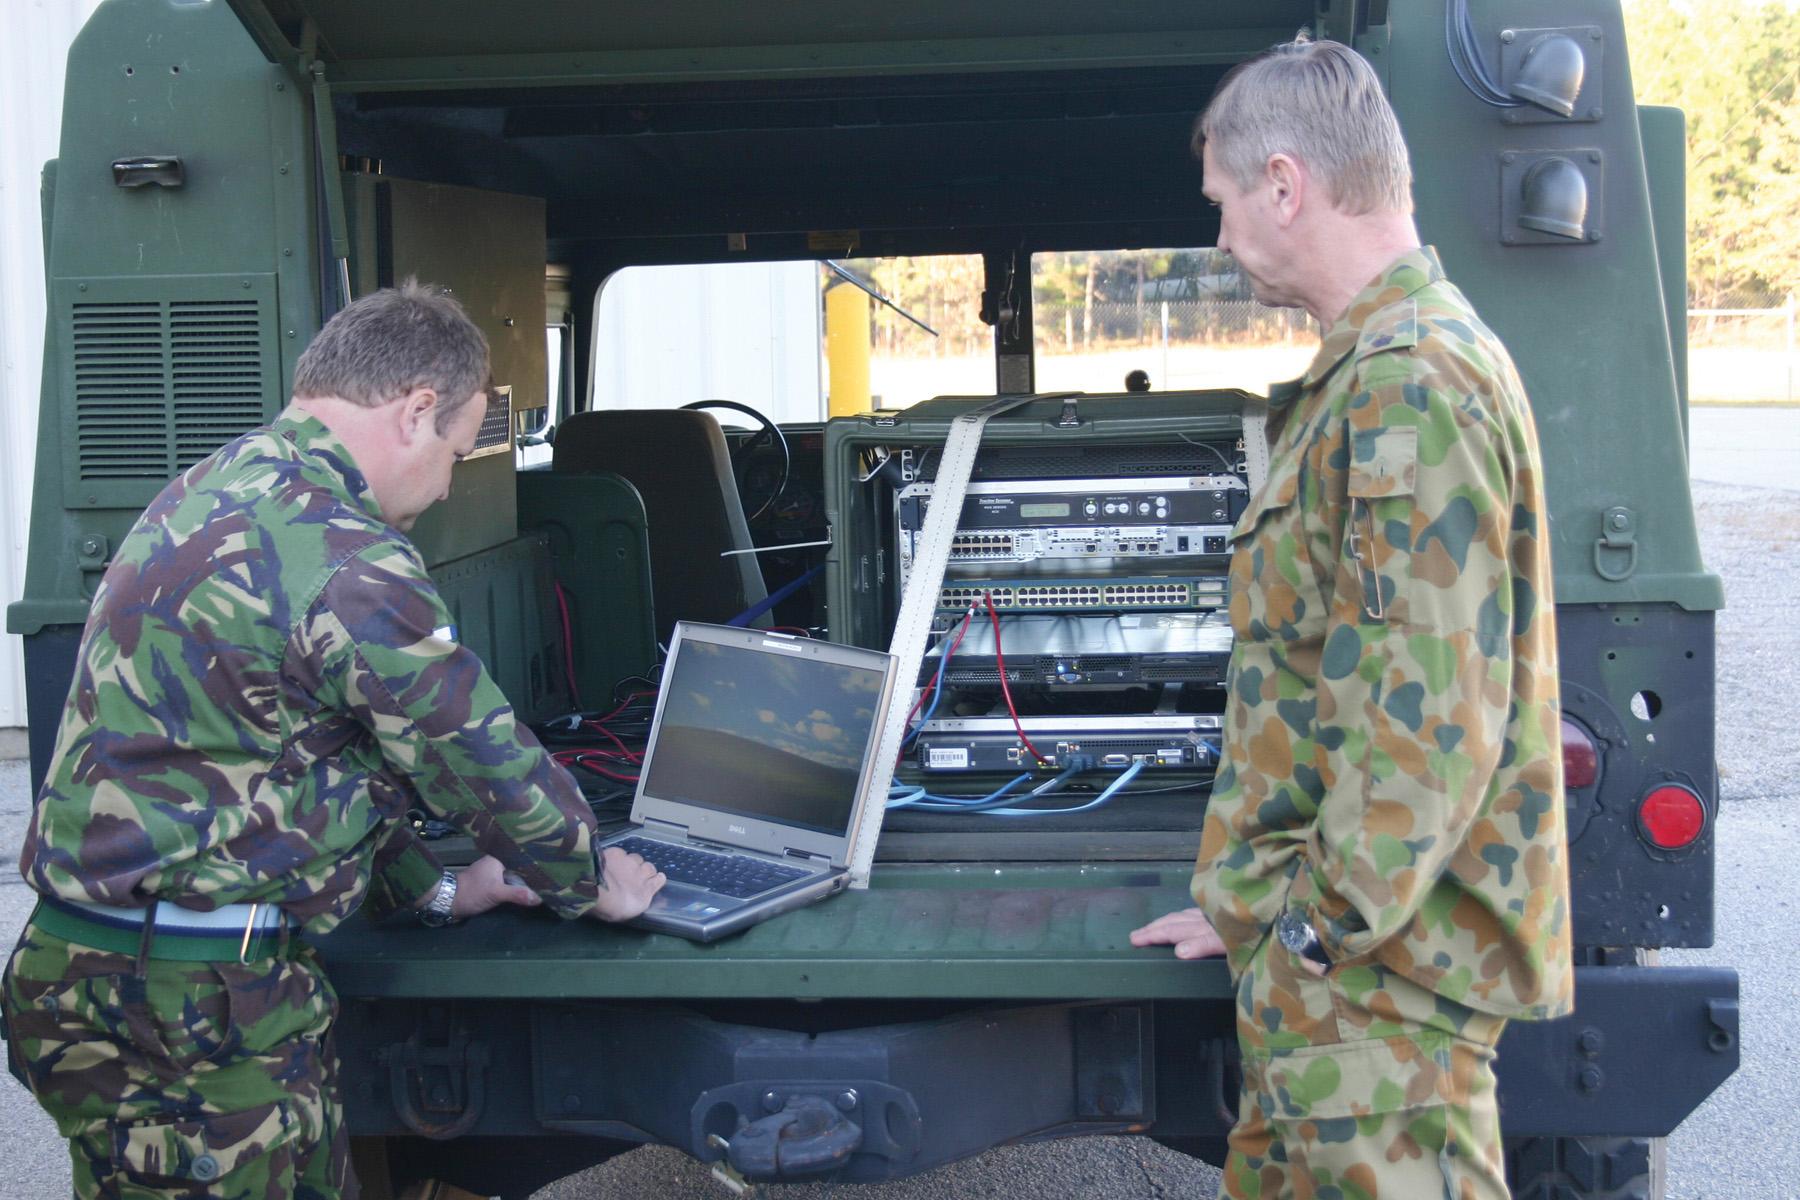 578bc7b8ef8 Disruptive Pattern Camouflage Uniform - Wikipedia